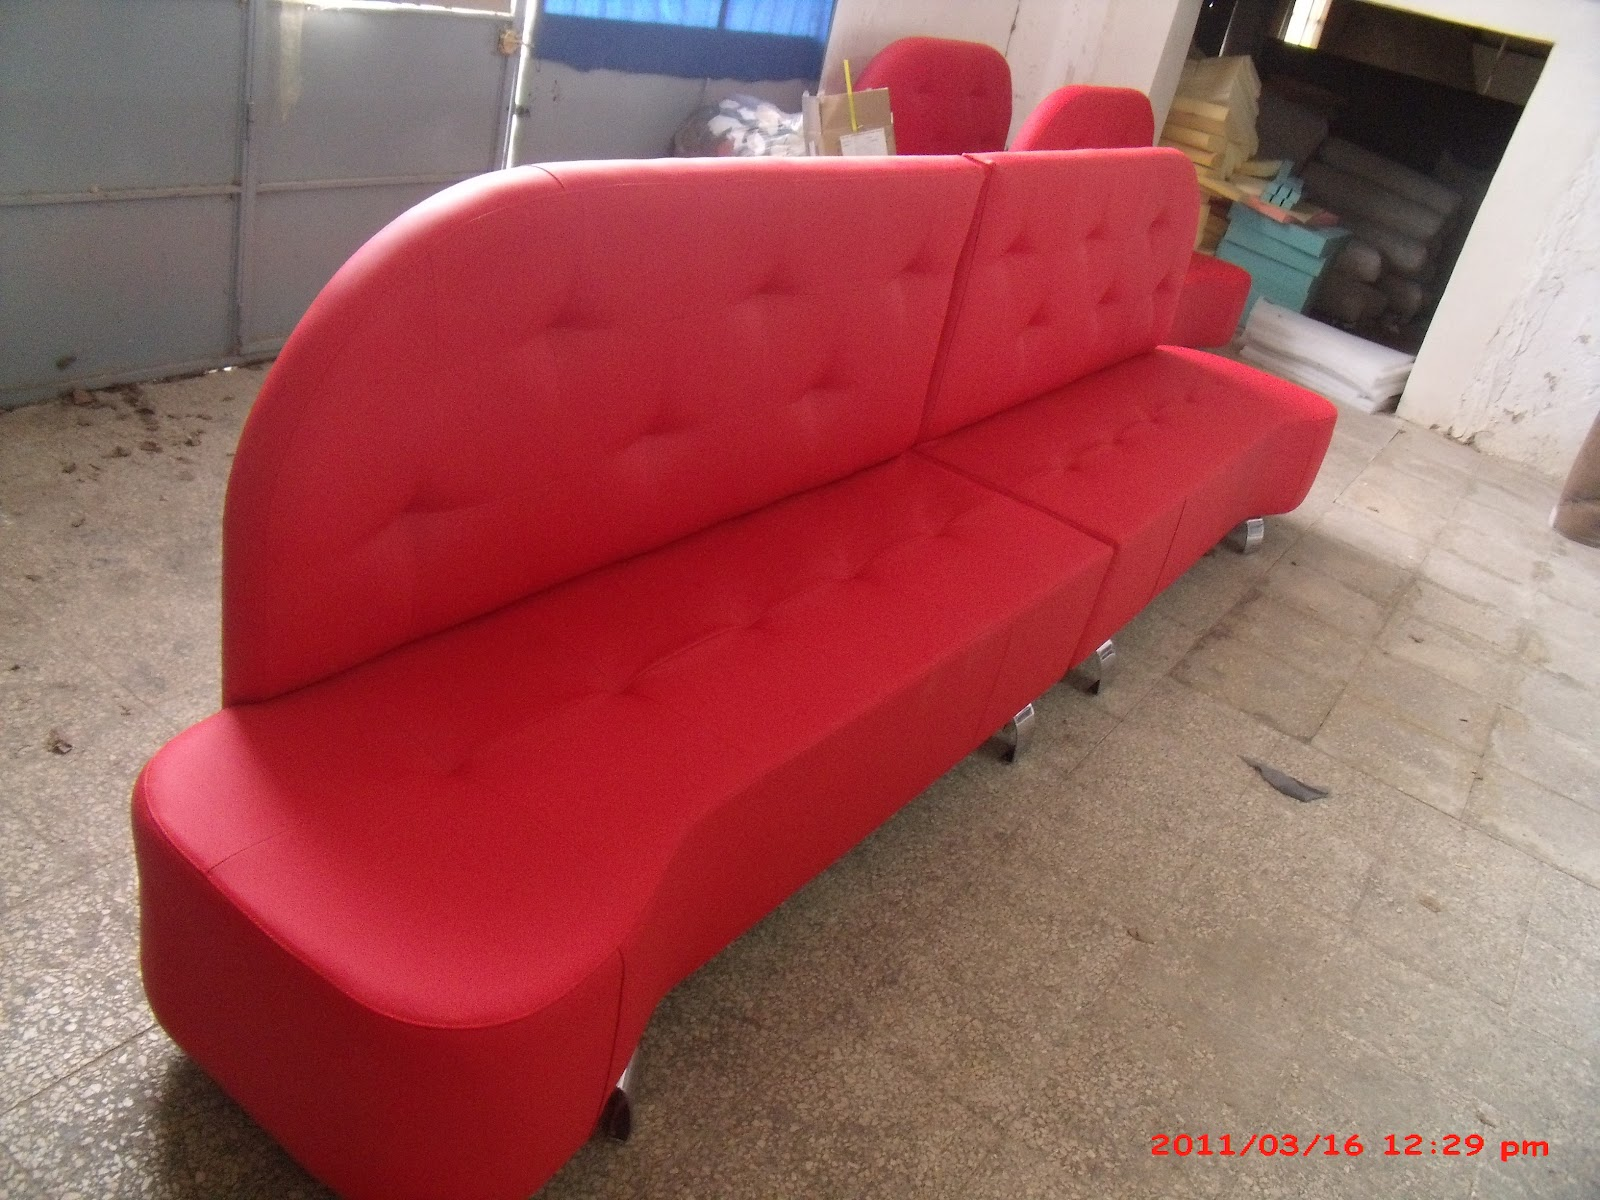 precios sofas ta quatro sofa narrow doorway tapizados j muÑoz arreglos realizados y a medida